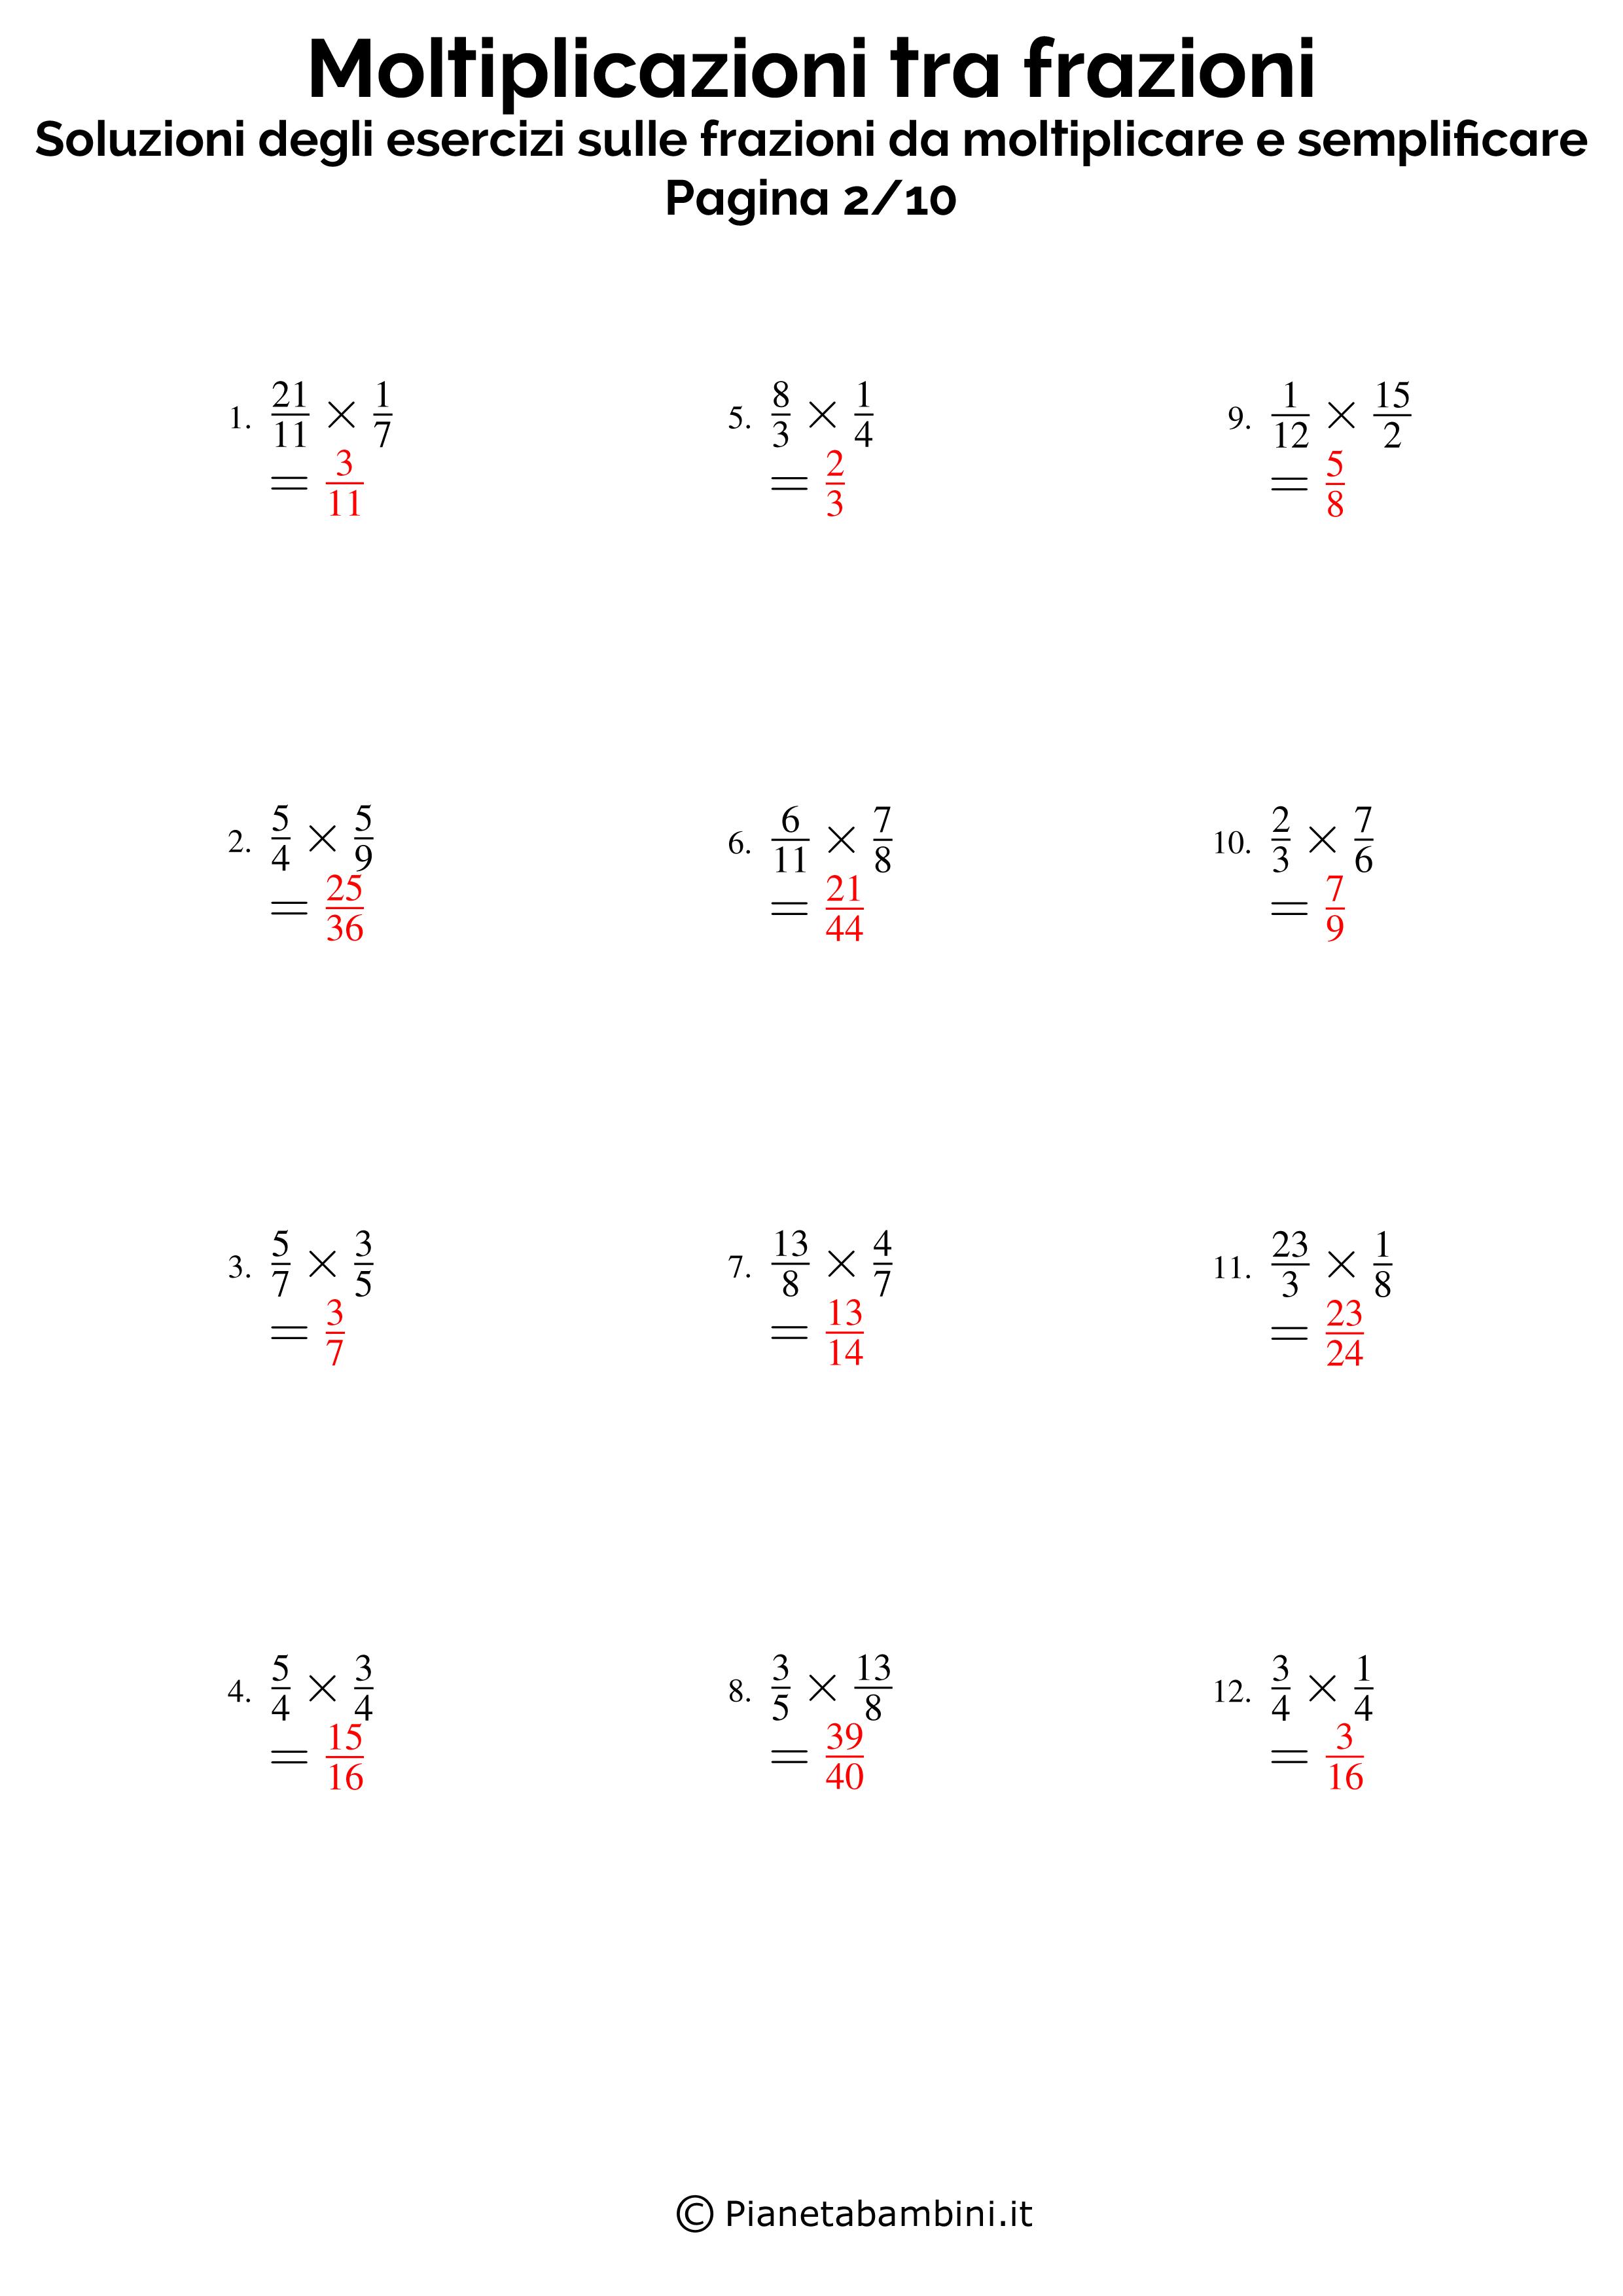 Soluzioni-Frazioni-Moltiplicare-Semplificare_02